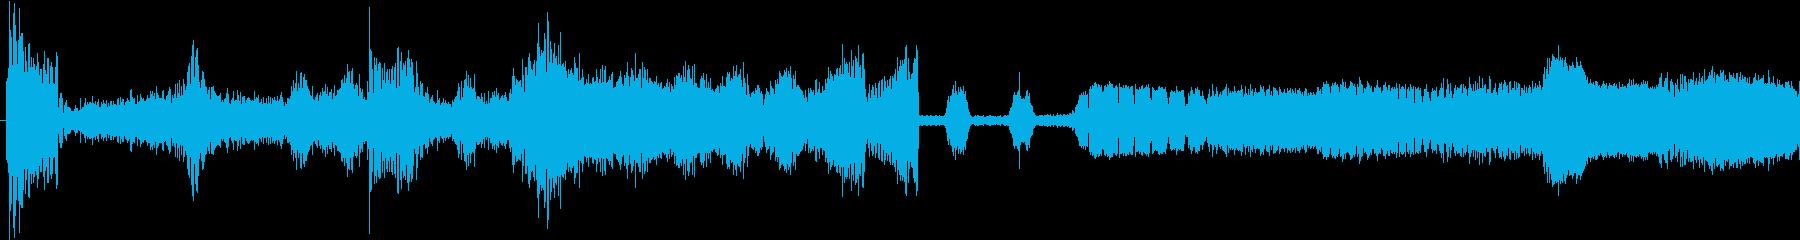 跳ね返るショートレーザーバーストの再生済みの波形